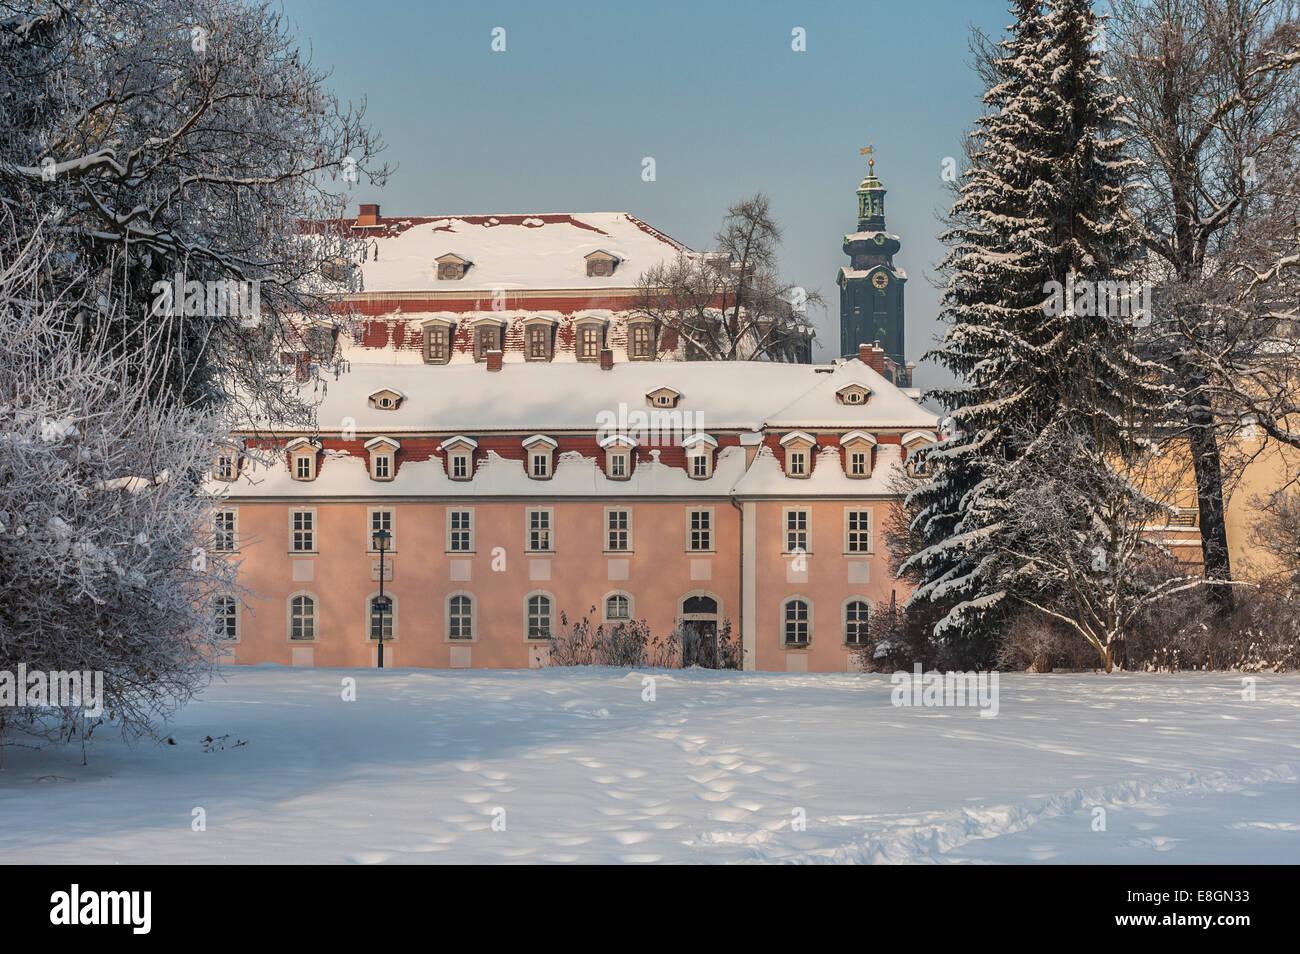 Charlotte von Stein?s Haus im Winter, Turm des Schlosses auf der Rückseite, Park an der ILM, UNESCO-Weltkulturerbe Stockbild